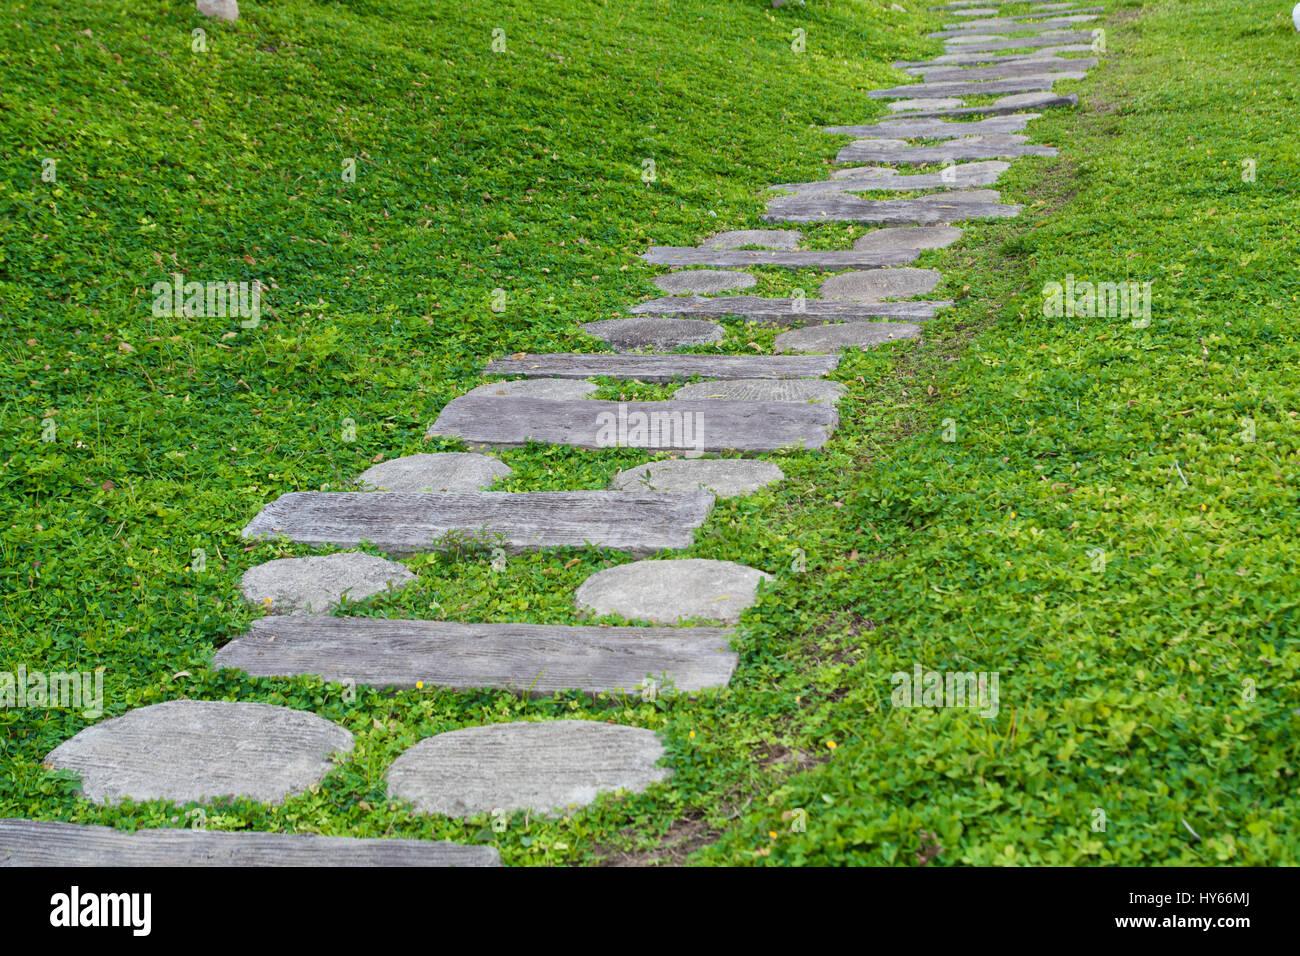 Modello di quadrati di pavimento di cemento piastrelle con erba